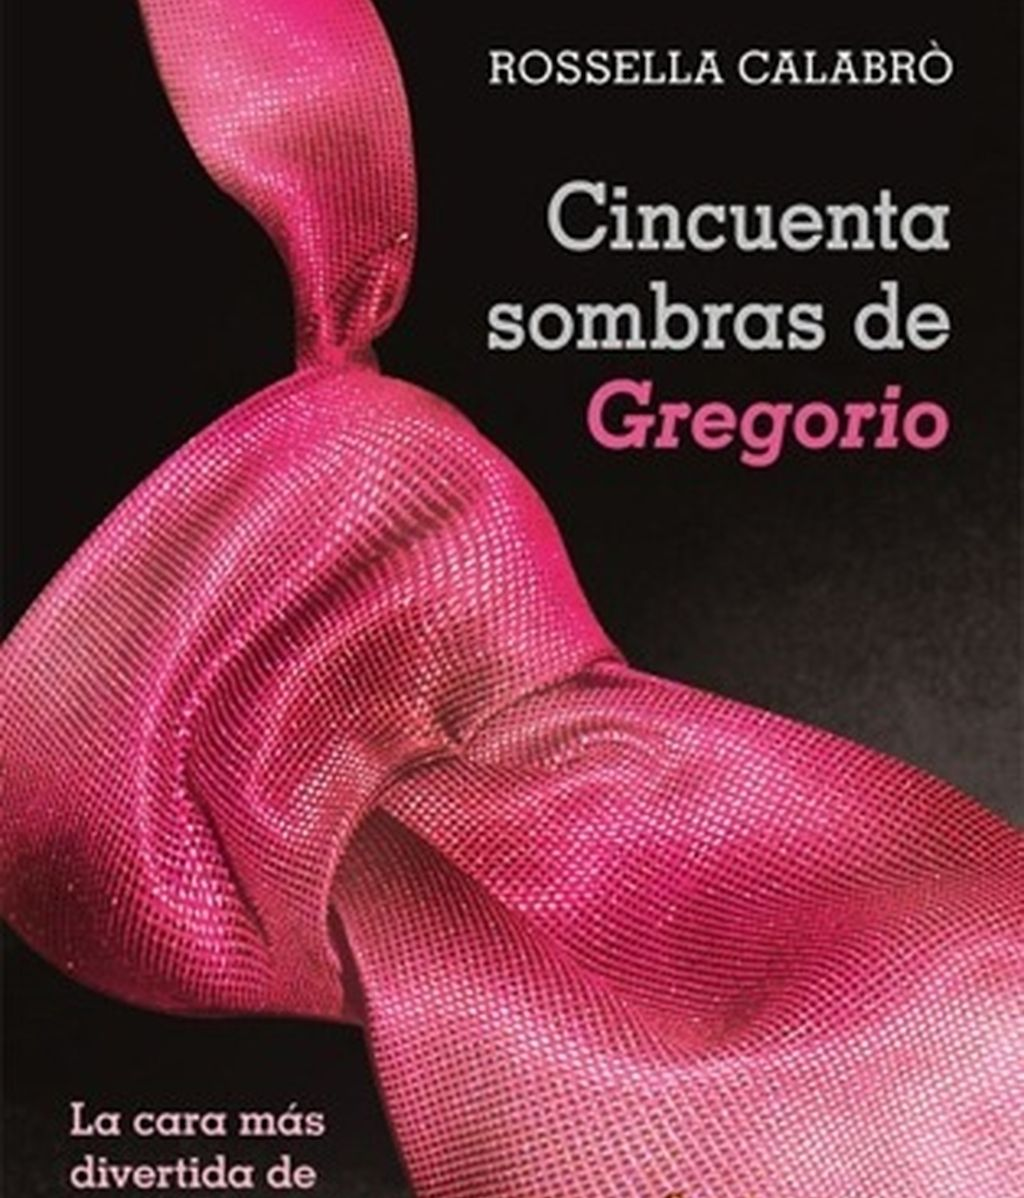 Cincuenta Sombras de Gregorio. Foto: Portada libro / Planeta